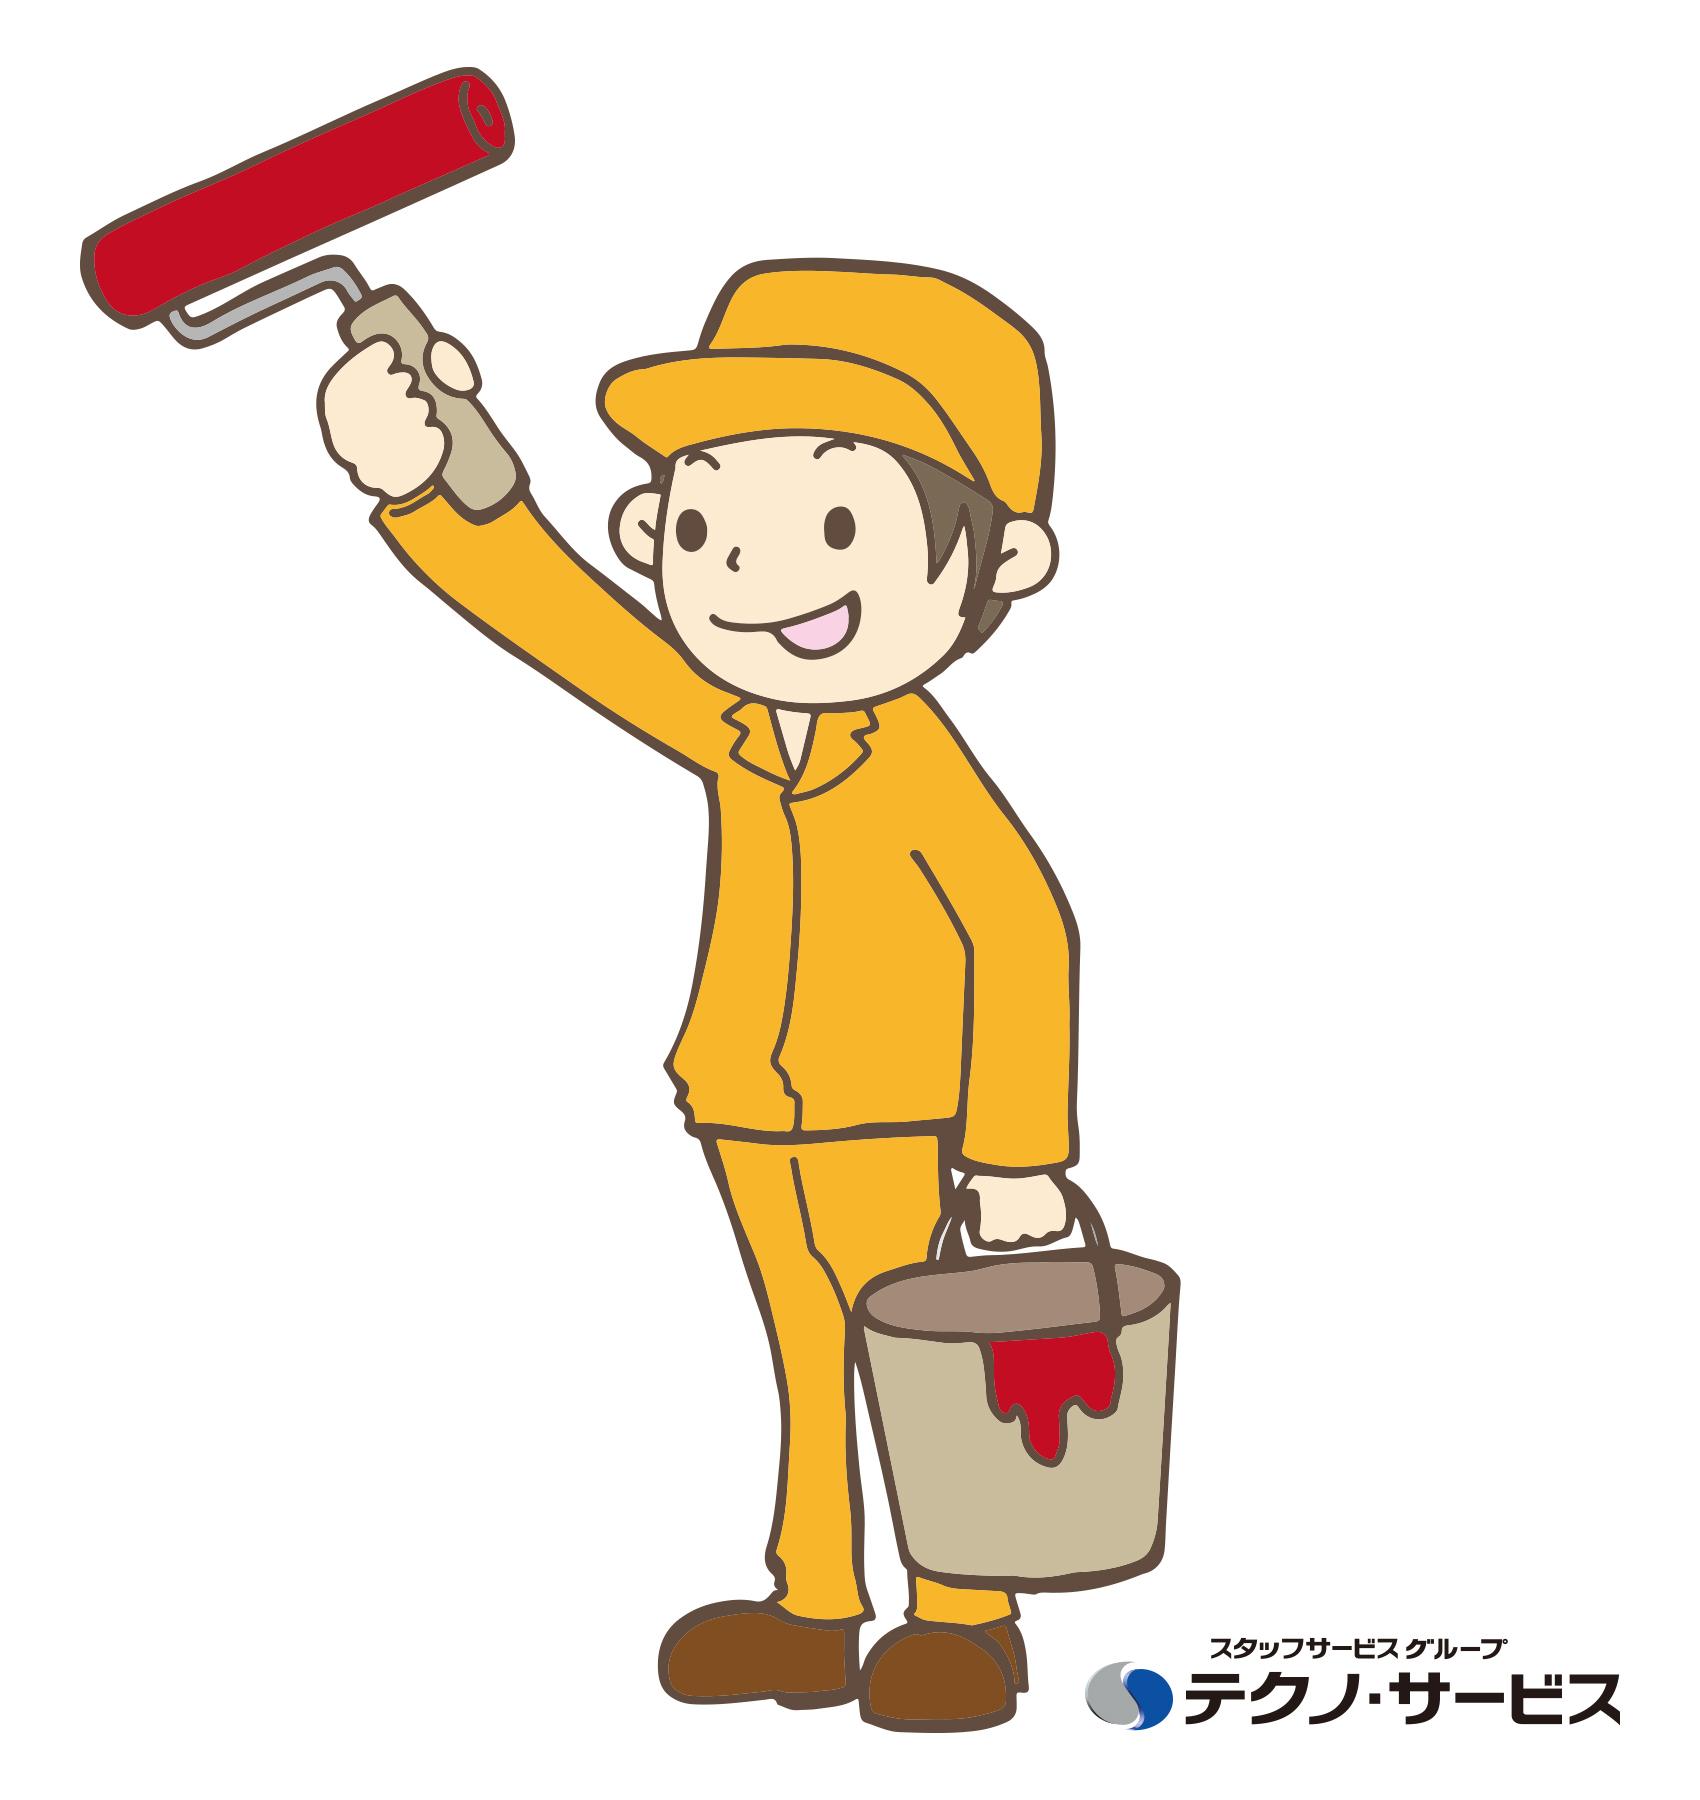 組立前の金属製BOXの塗装作業をお願いします。(派遣) 残業多め☆1日2〜3時間程度でシッカリ稼ぎたい方必見!長期稼動のチャンスもありますよ!! 20代・30代の方も多く活躍中の職場です♪アナタも一緒に働きませんか!? お財布応援制度がスタートしました!お気軽に当社担当までお問い合わせ下さい★友人紹介キャンペーン!クオカード3000円分プレゼントも実施中! ☆日勤のお仕事!☆金属製BOXの塗装作業 :倉敷市